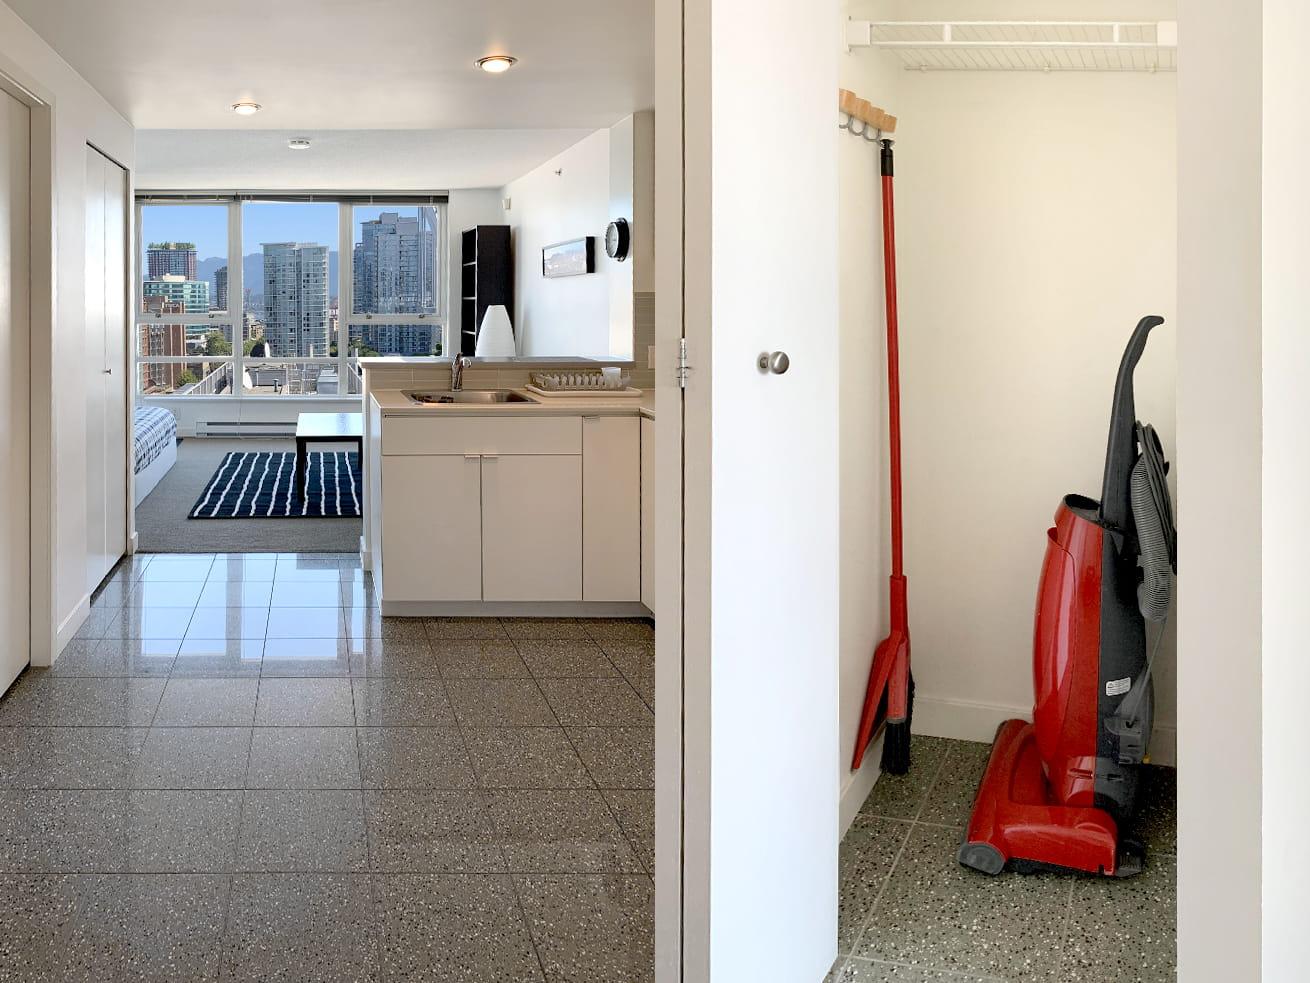 Vancouver apartment rentals max studio den entrance closet